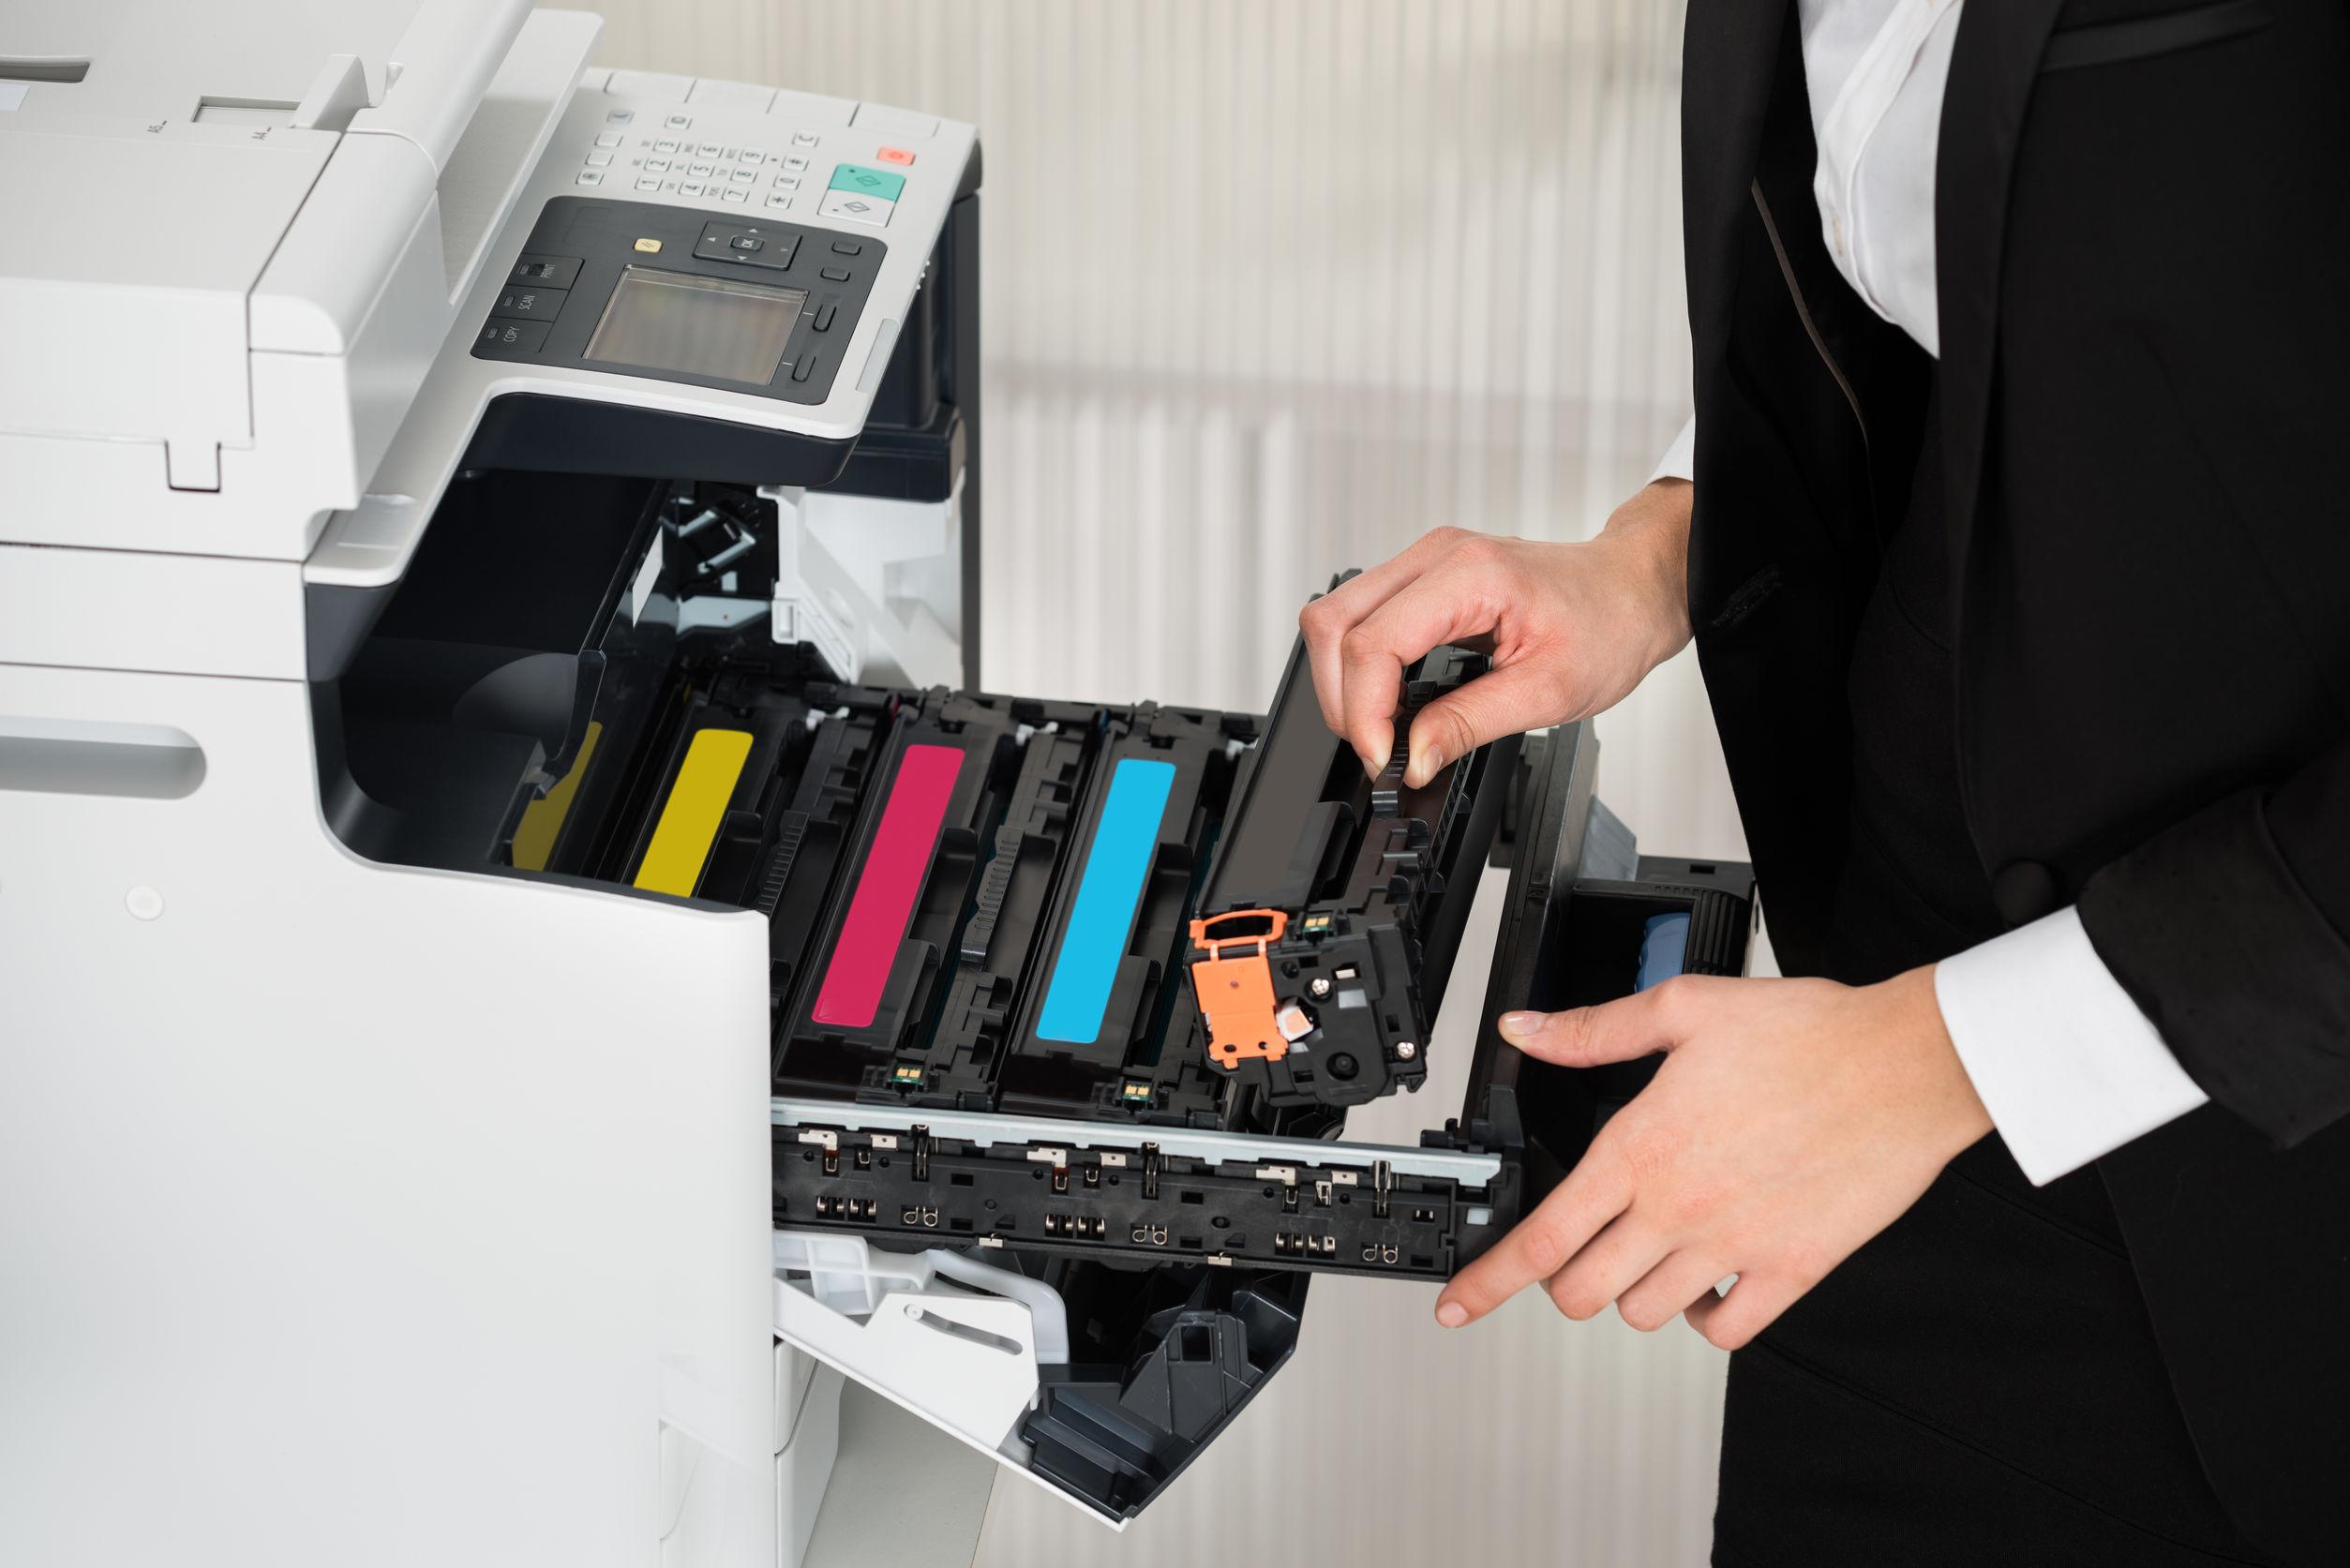 Tóner de impresora: ¿Cuál es el mejor del 2021?